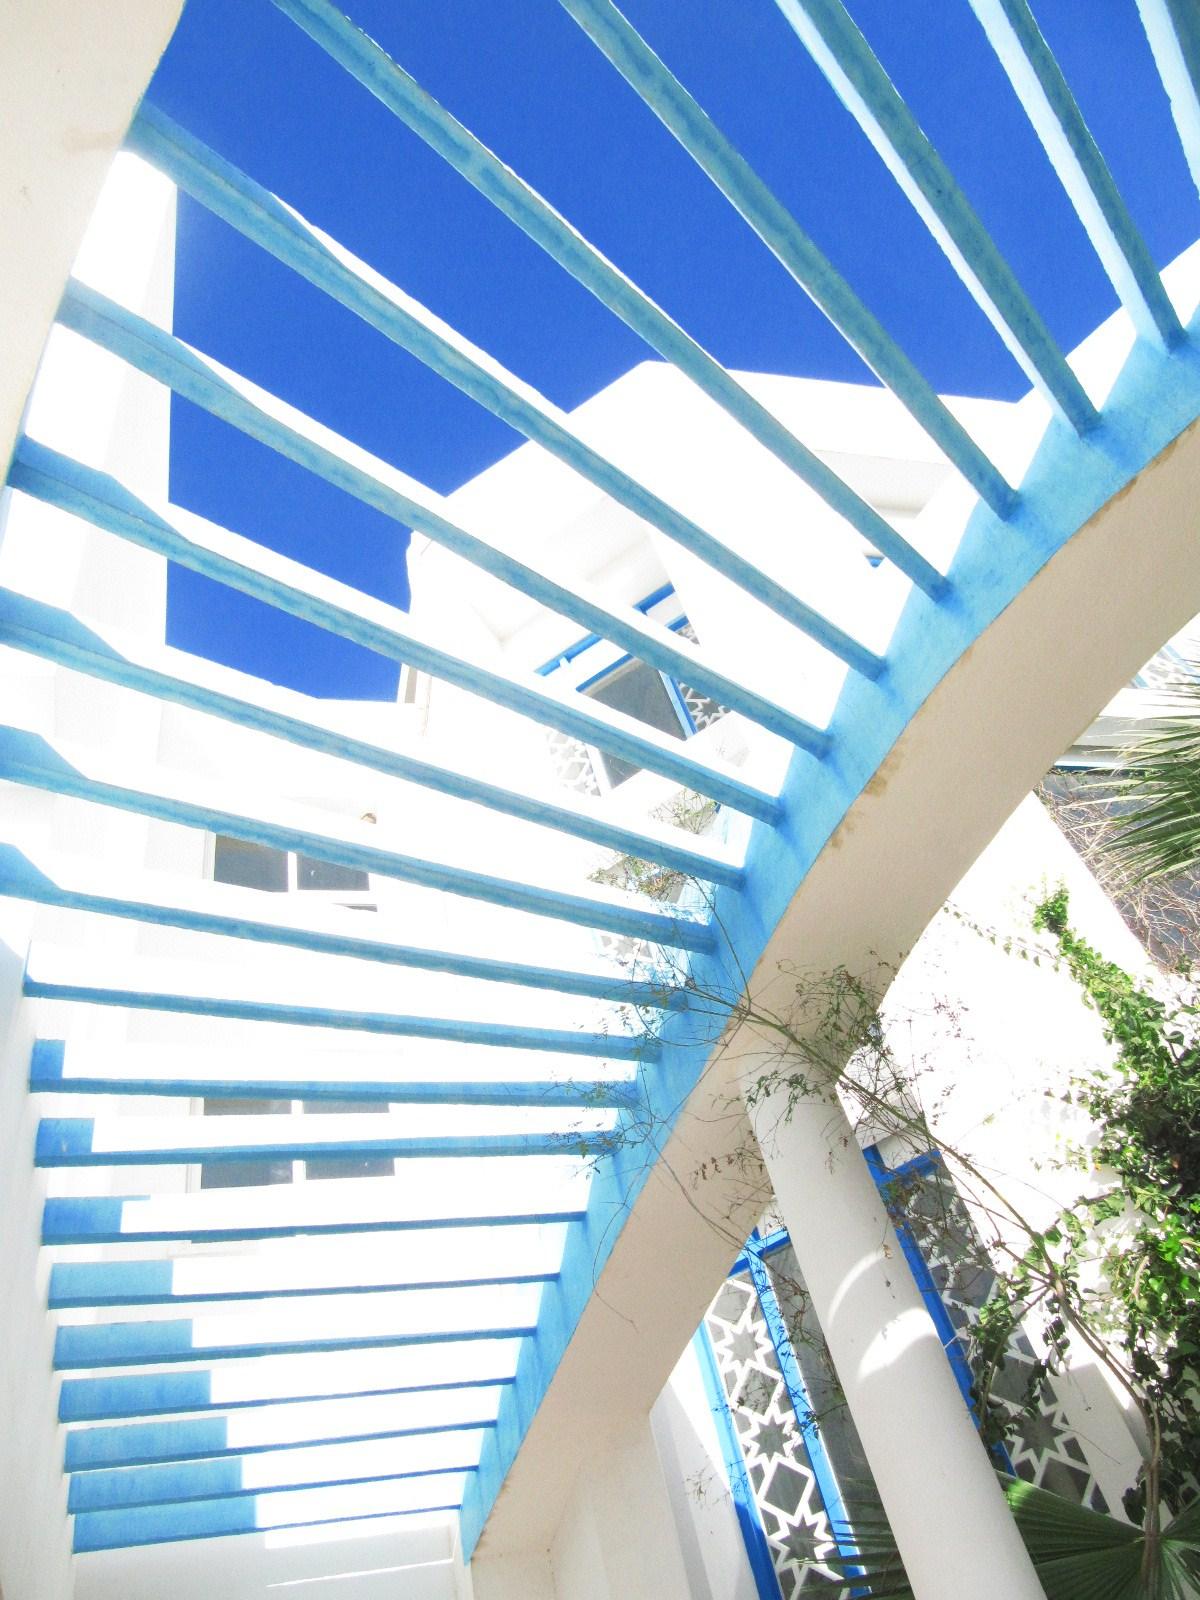 Envolee D Escalier Livre Ouvert Sur Le Bleu Du Ciel Vers